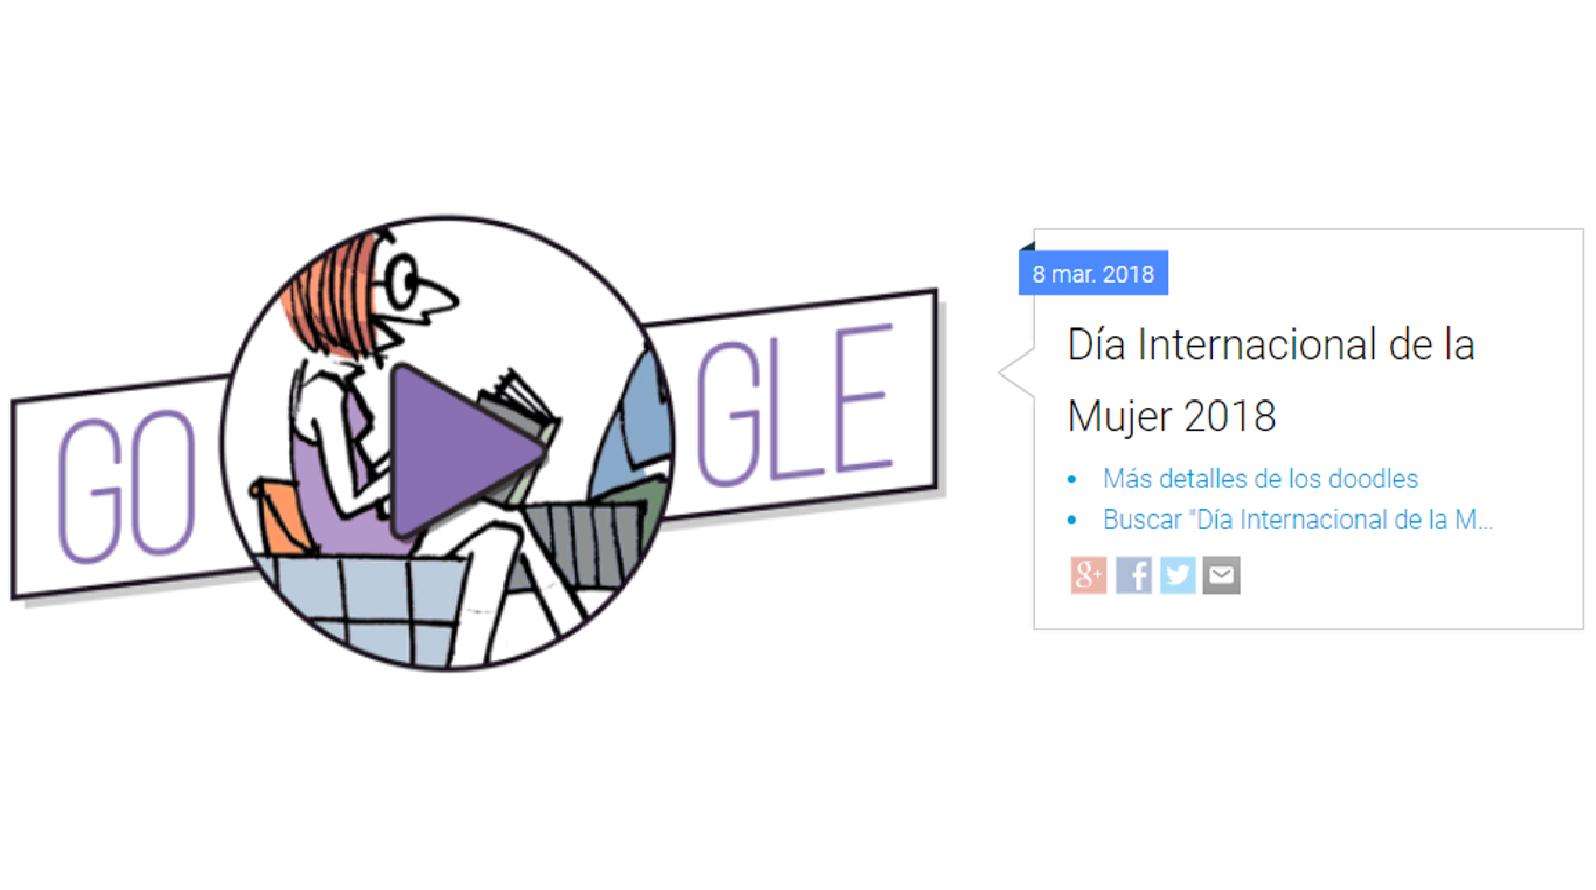 Google reconoce a la mujer con